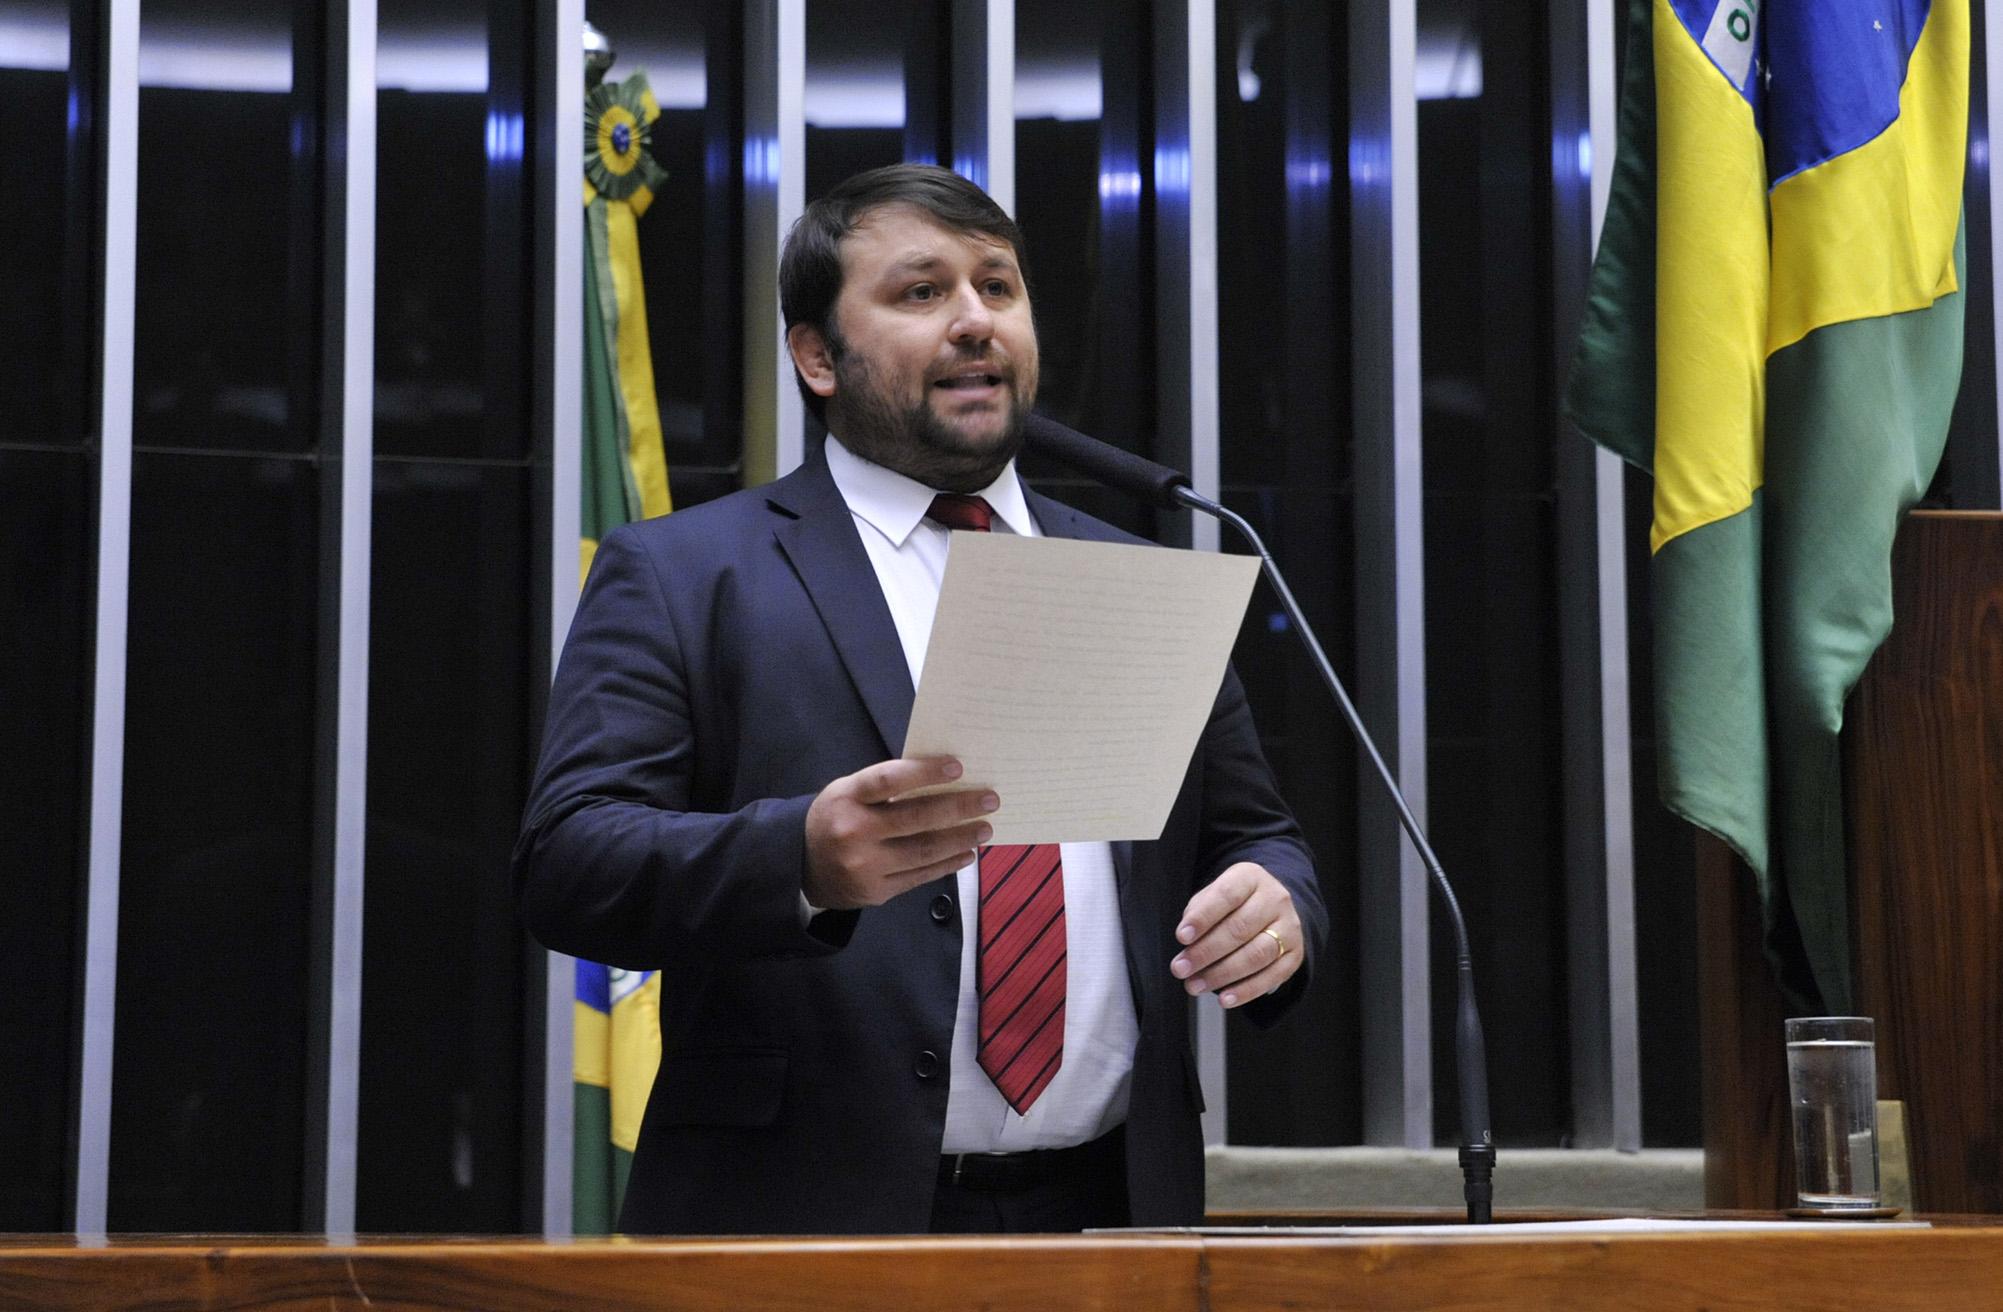 Sessão especial para discussão e votação do parecer do dep. Jovair Arantes (PTB-GO), aprovado em comissão especial, que recomenda a abertura do processo de impeachment da presidente da República. Dep João Derly (REDE-RS)